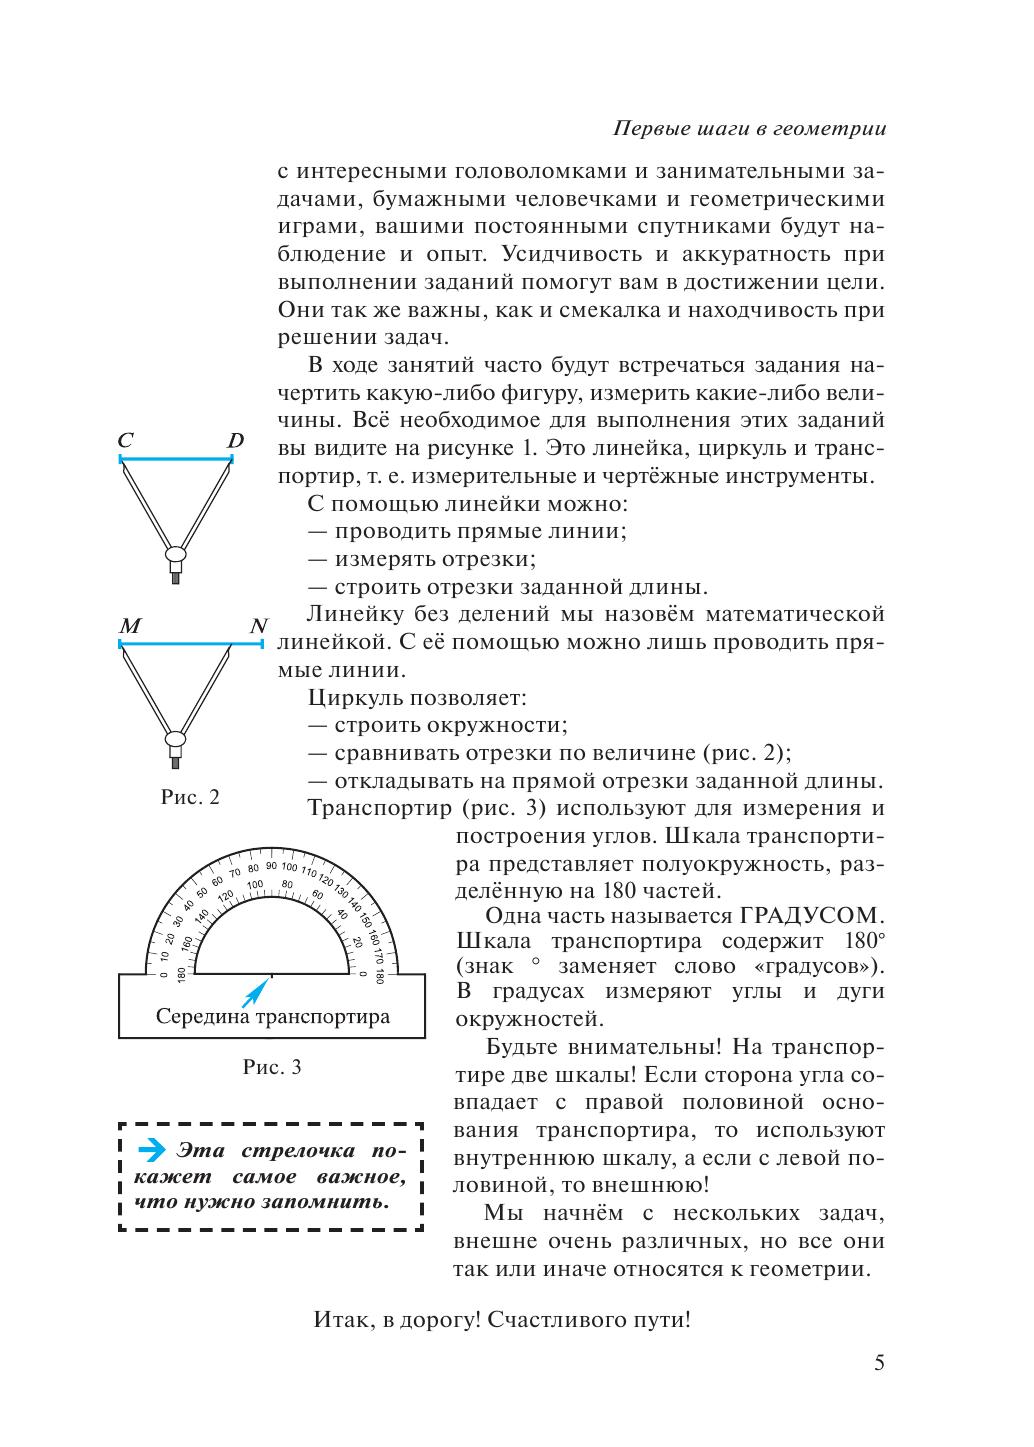 5-6 наглядная класс гдз шарыгин геометрия ответы математика